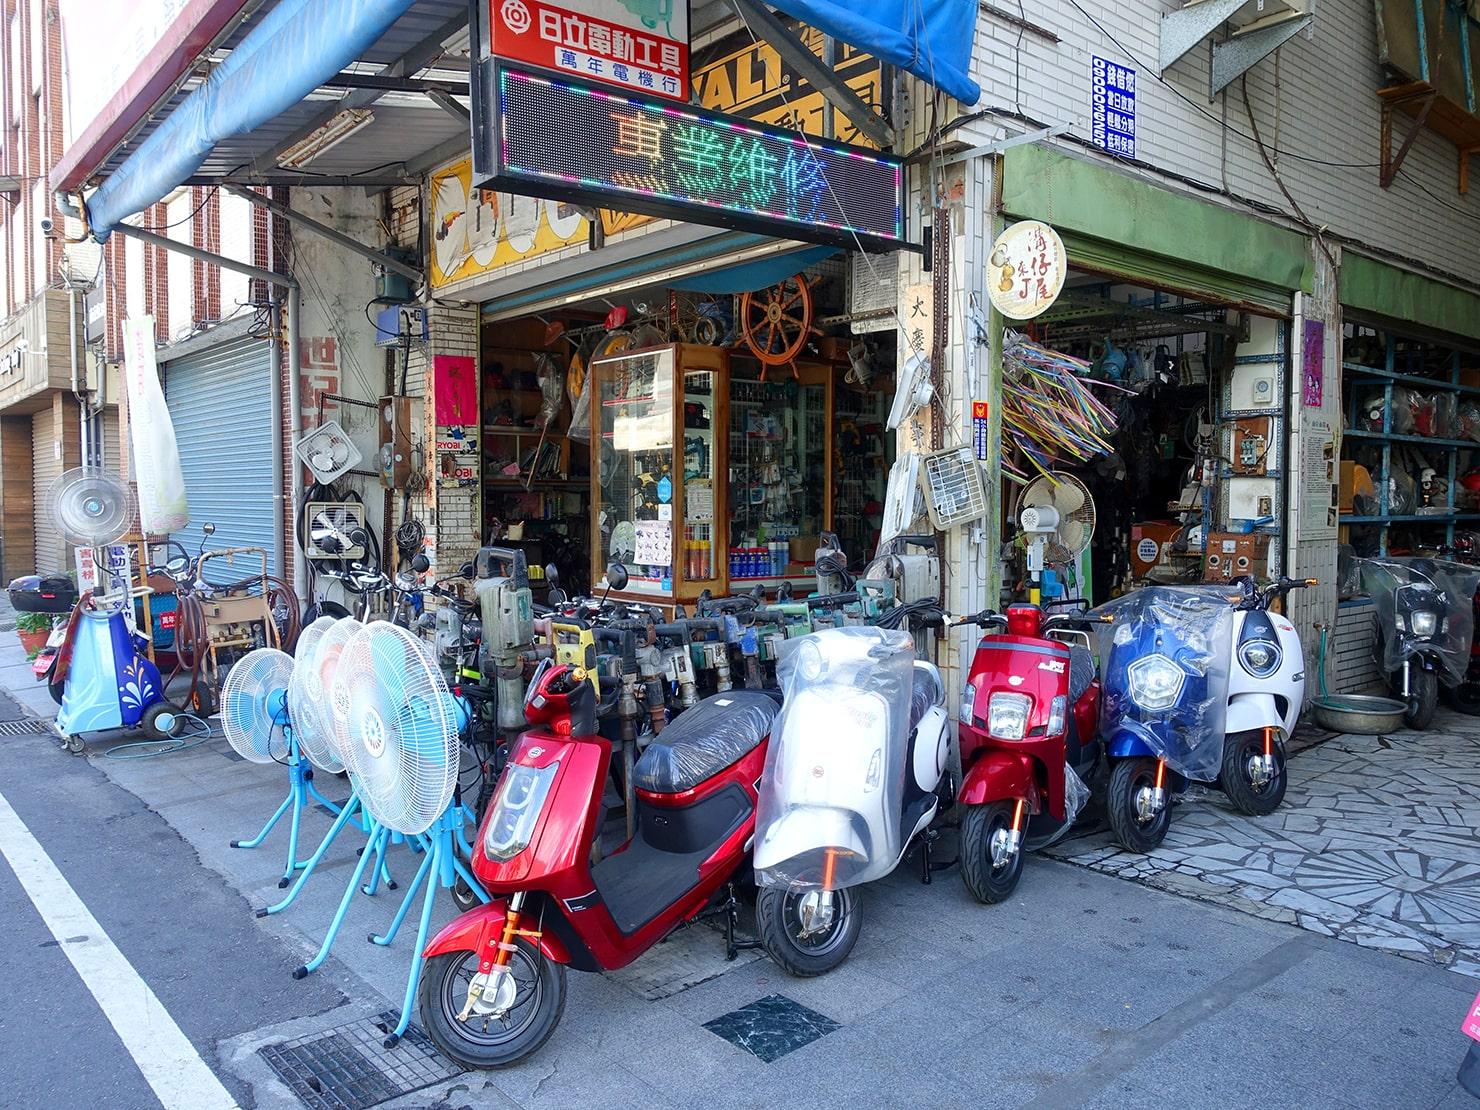 台湾・花蓮のおすすめ観光スポット「溝仔尾」のバイク屋さん